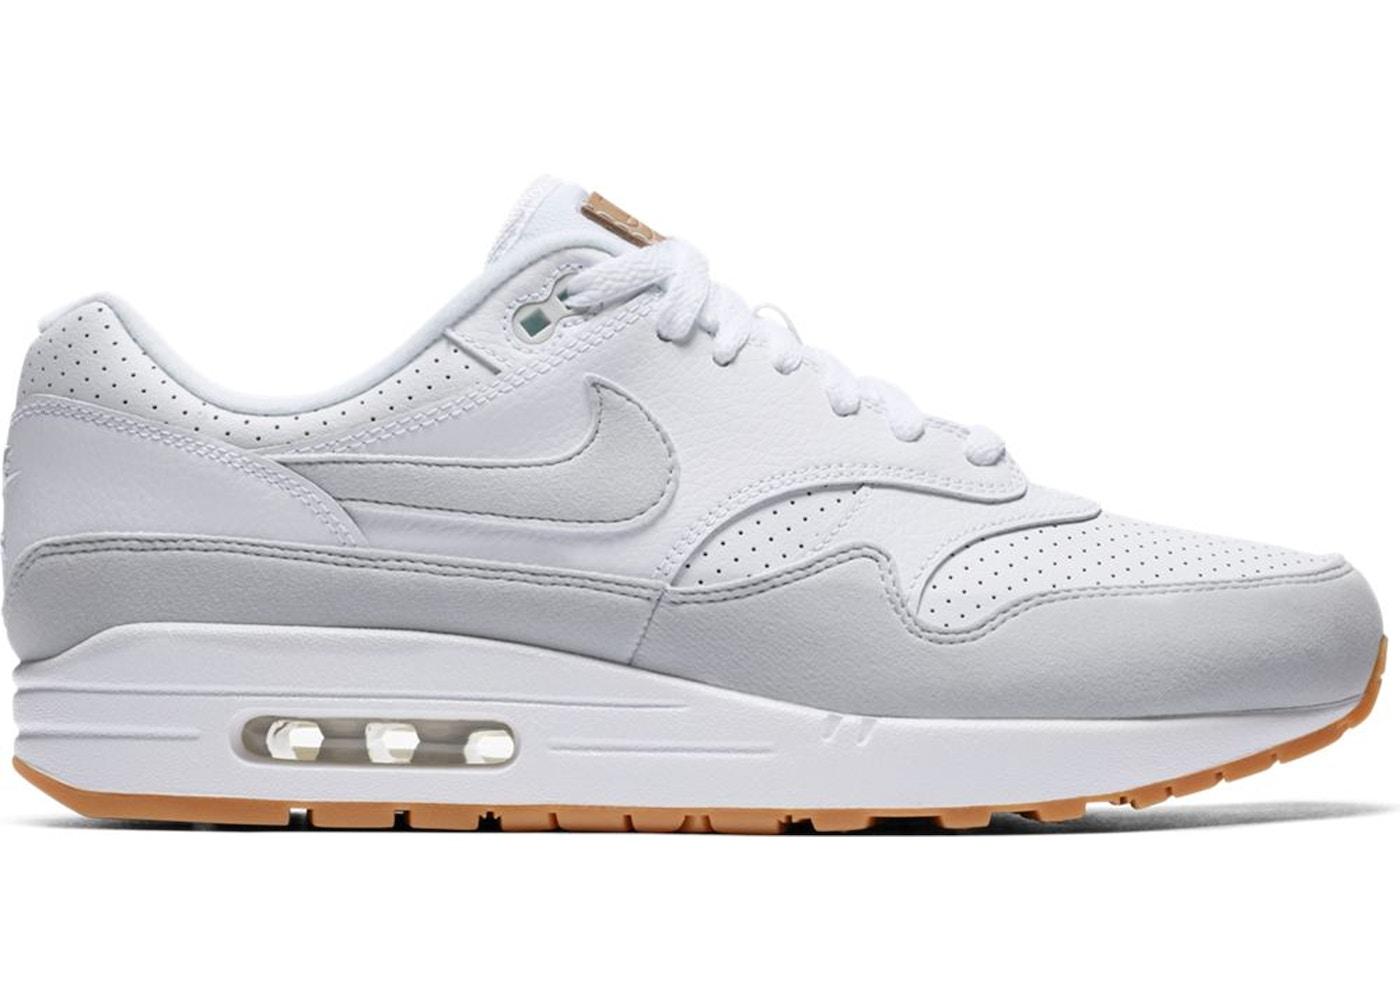 Nike Air Max 1 'All White' | SneakerFiles